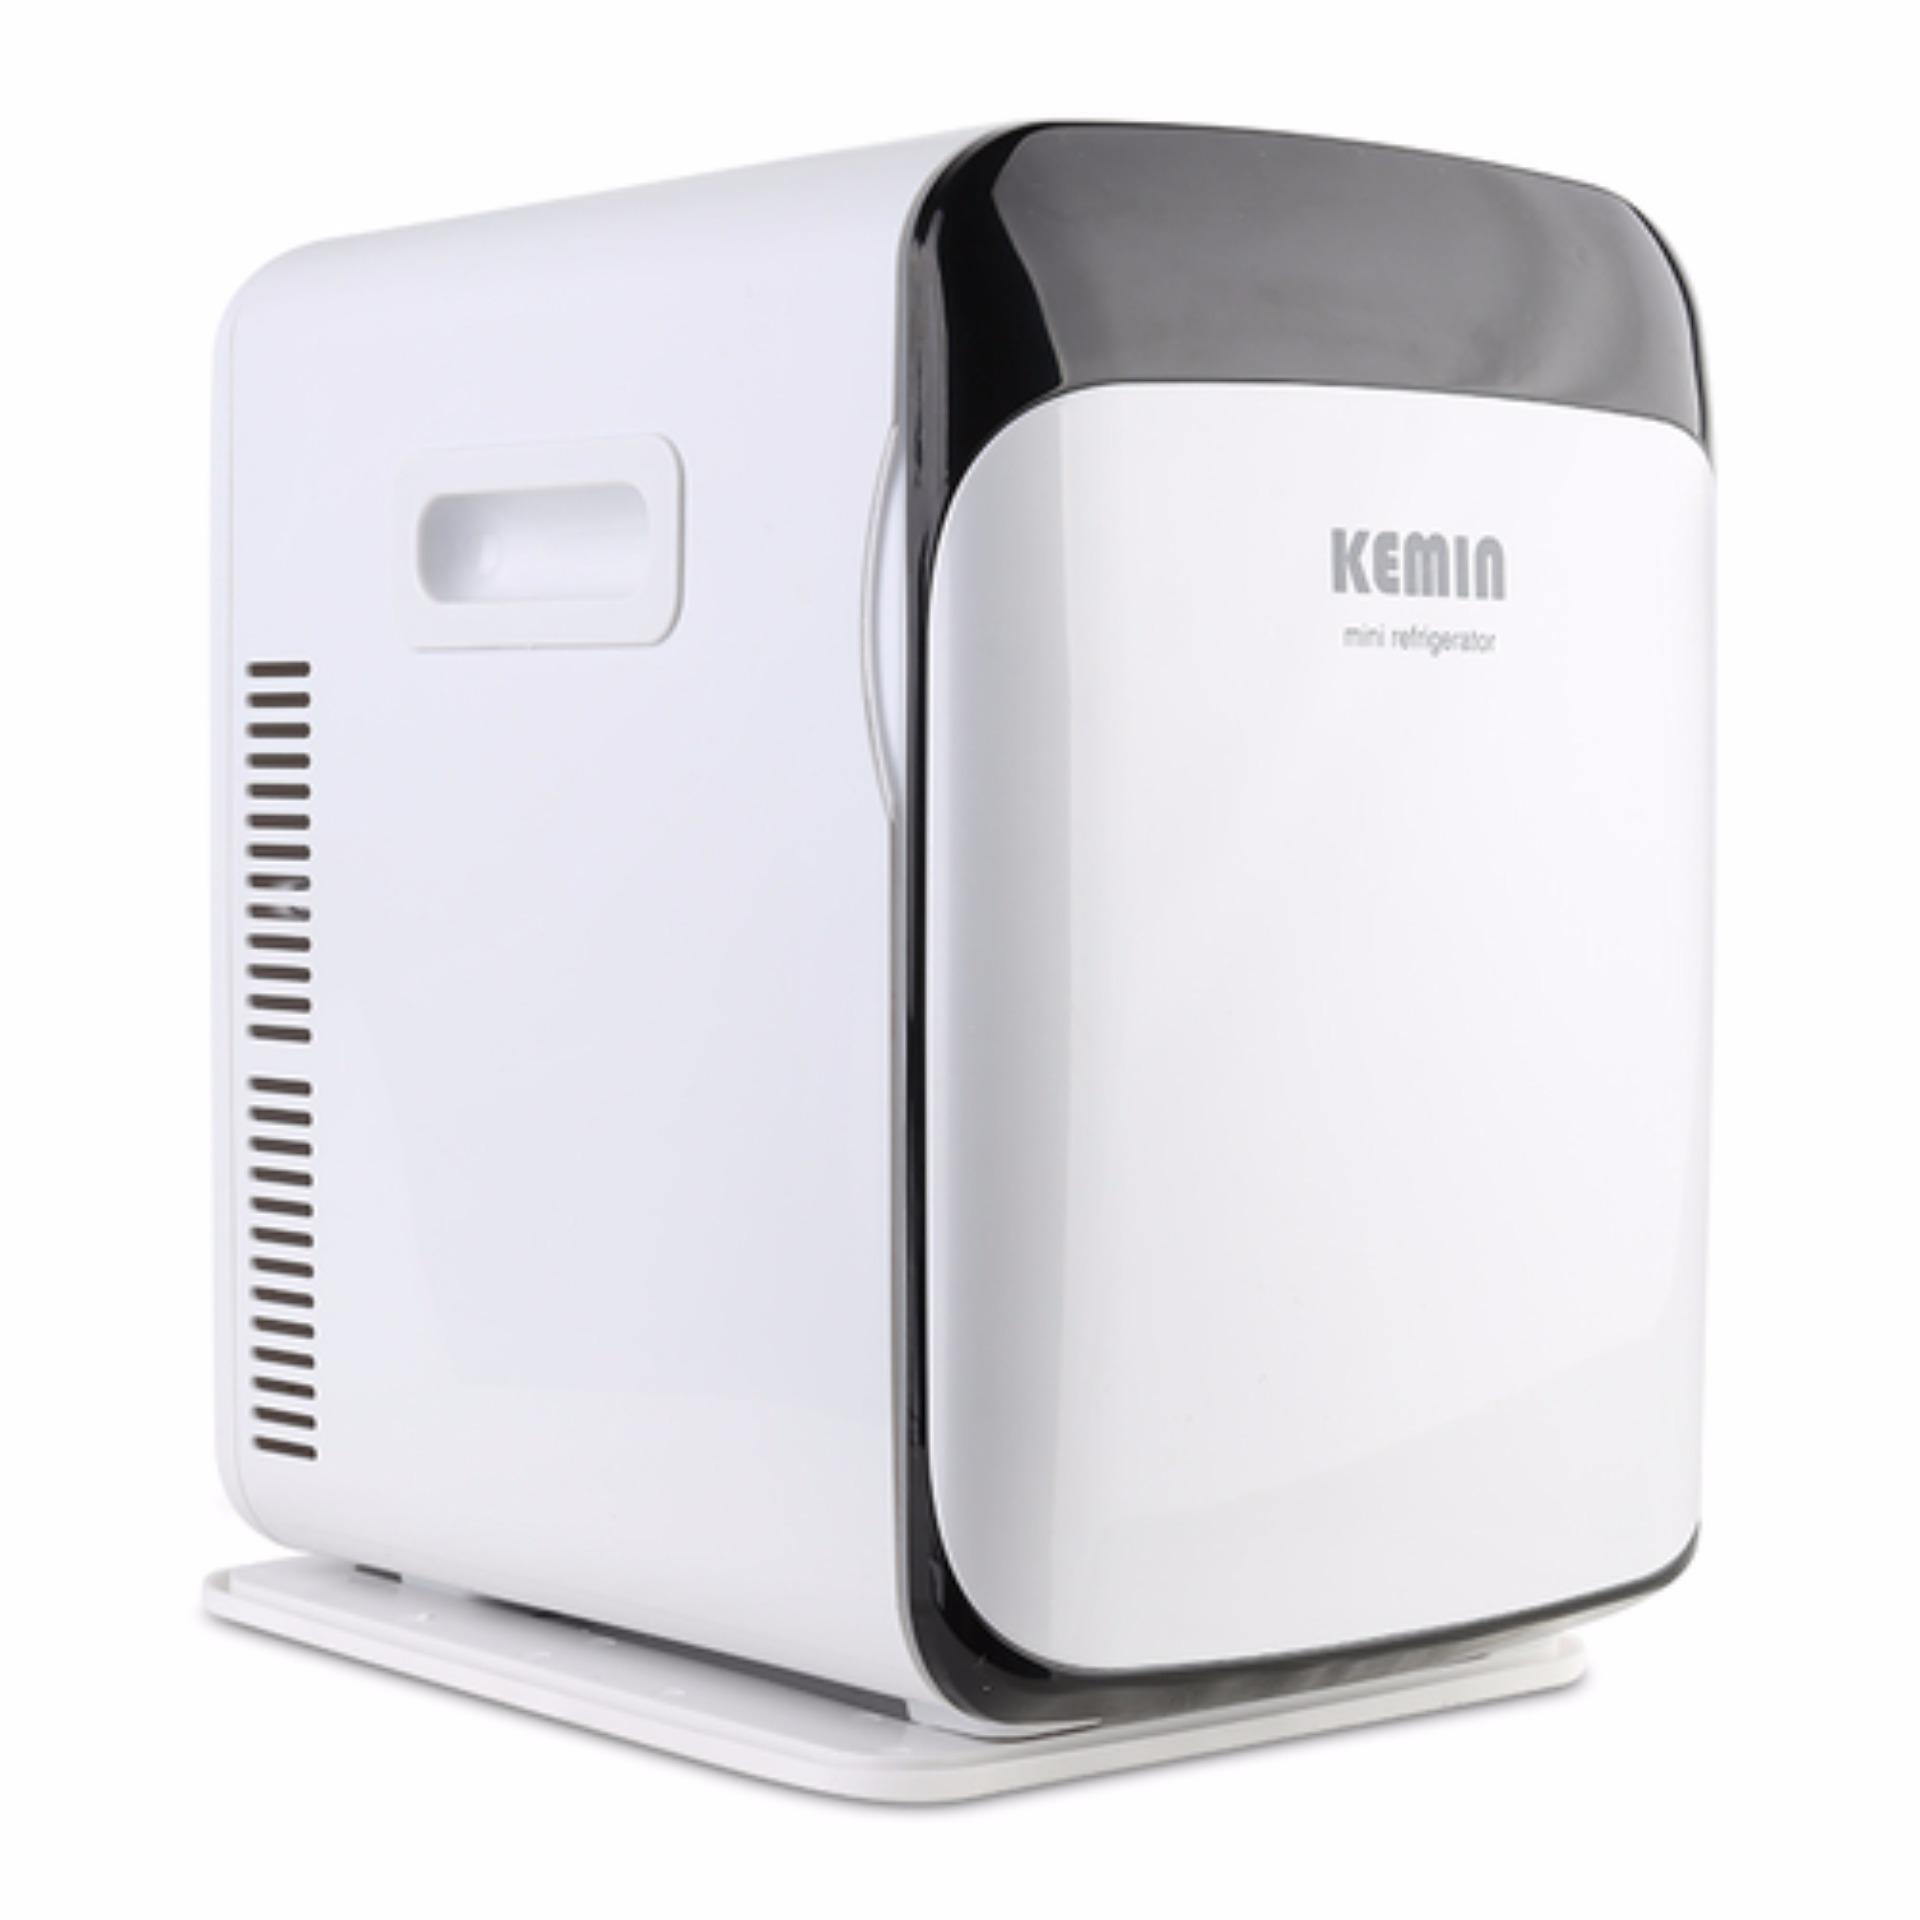 Tủ lạnh mini Kemin 15L cao cấp dành cho xe hơi và gia đình